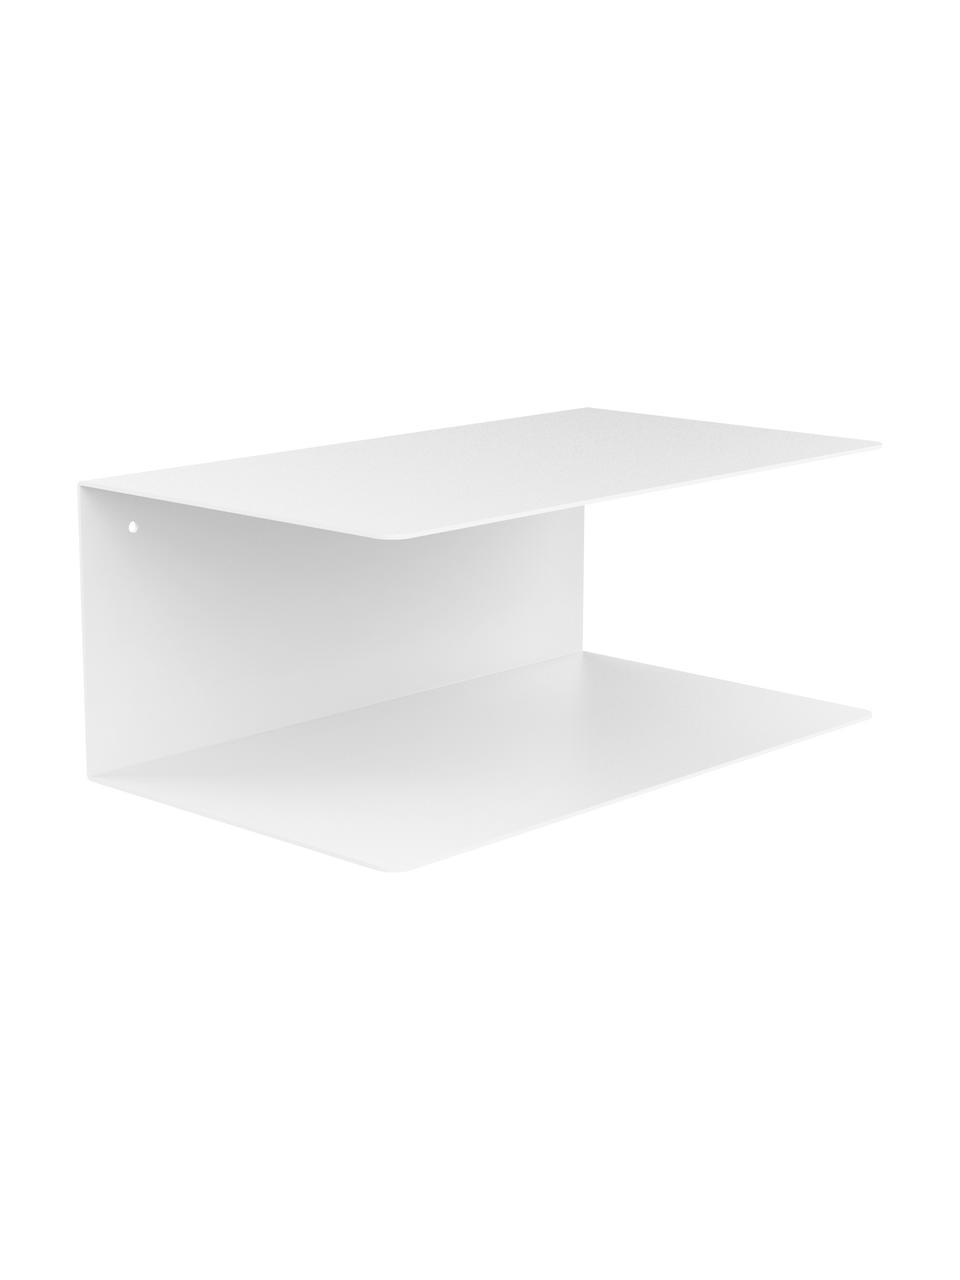 Wand-Nachttisch aus Metall Neptun, 2 Stück, Metall, pulverbeschichtet, Weiß, 35 x 14 cm